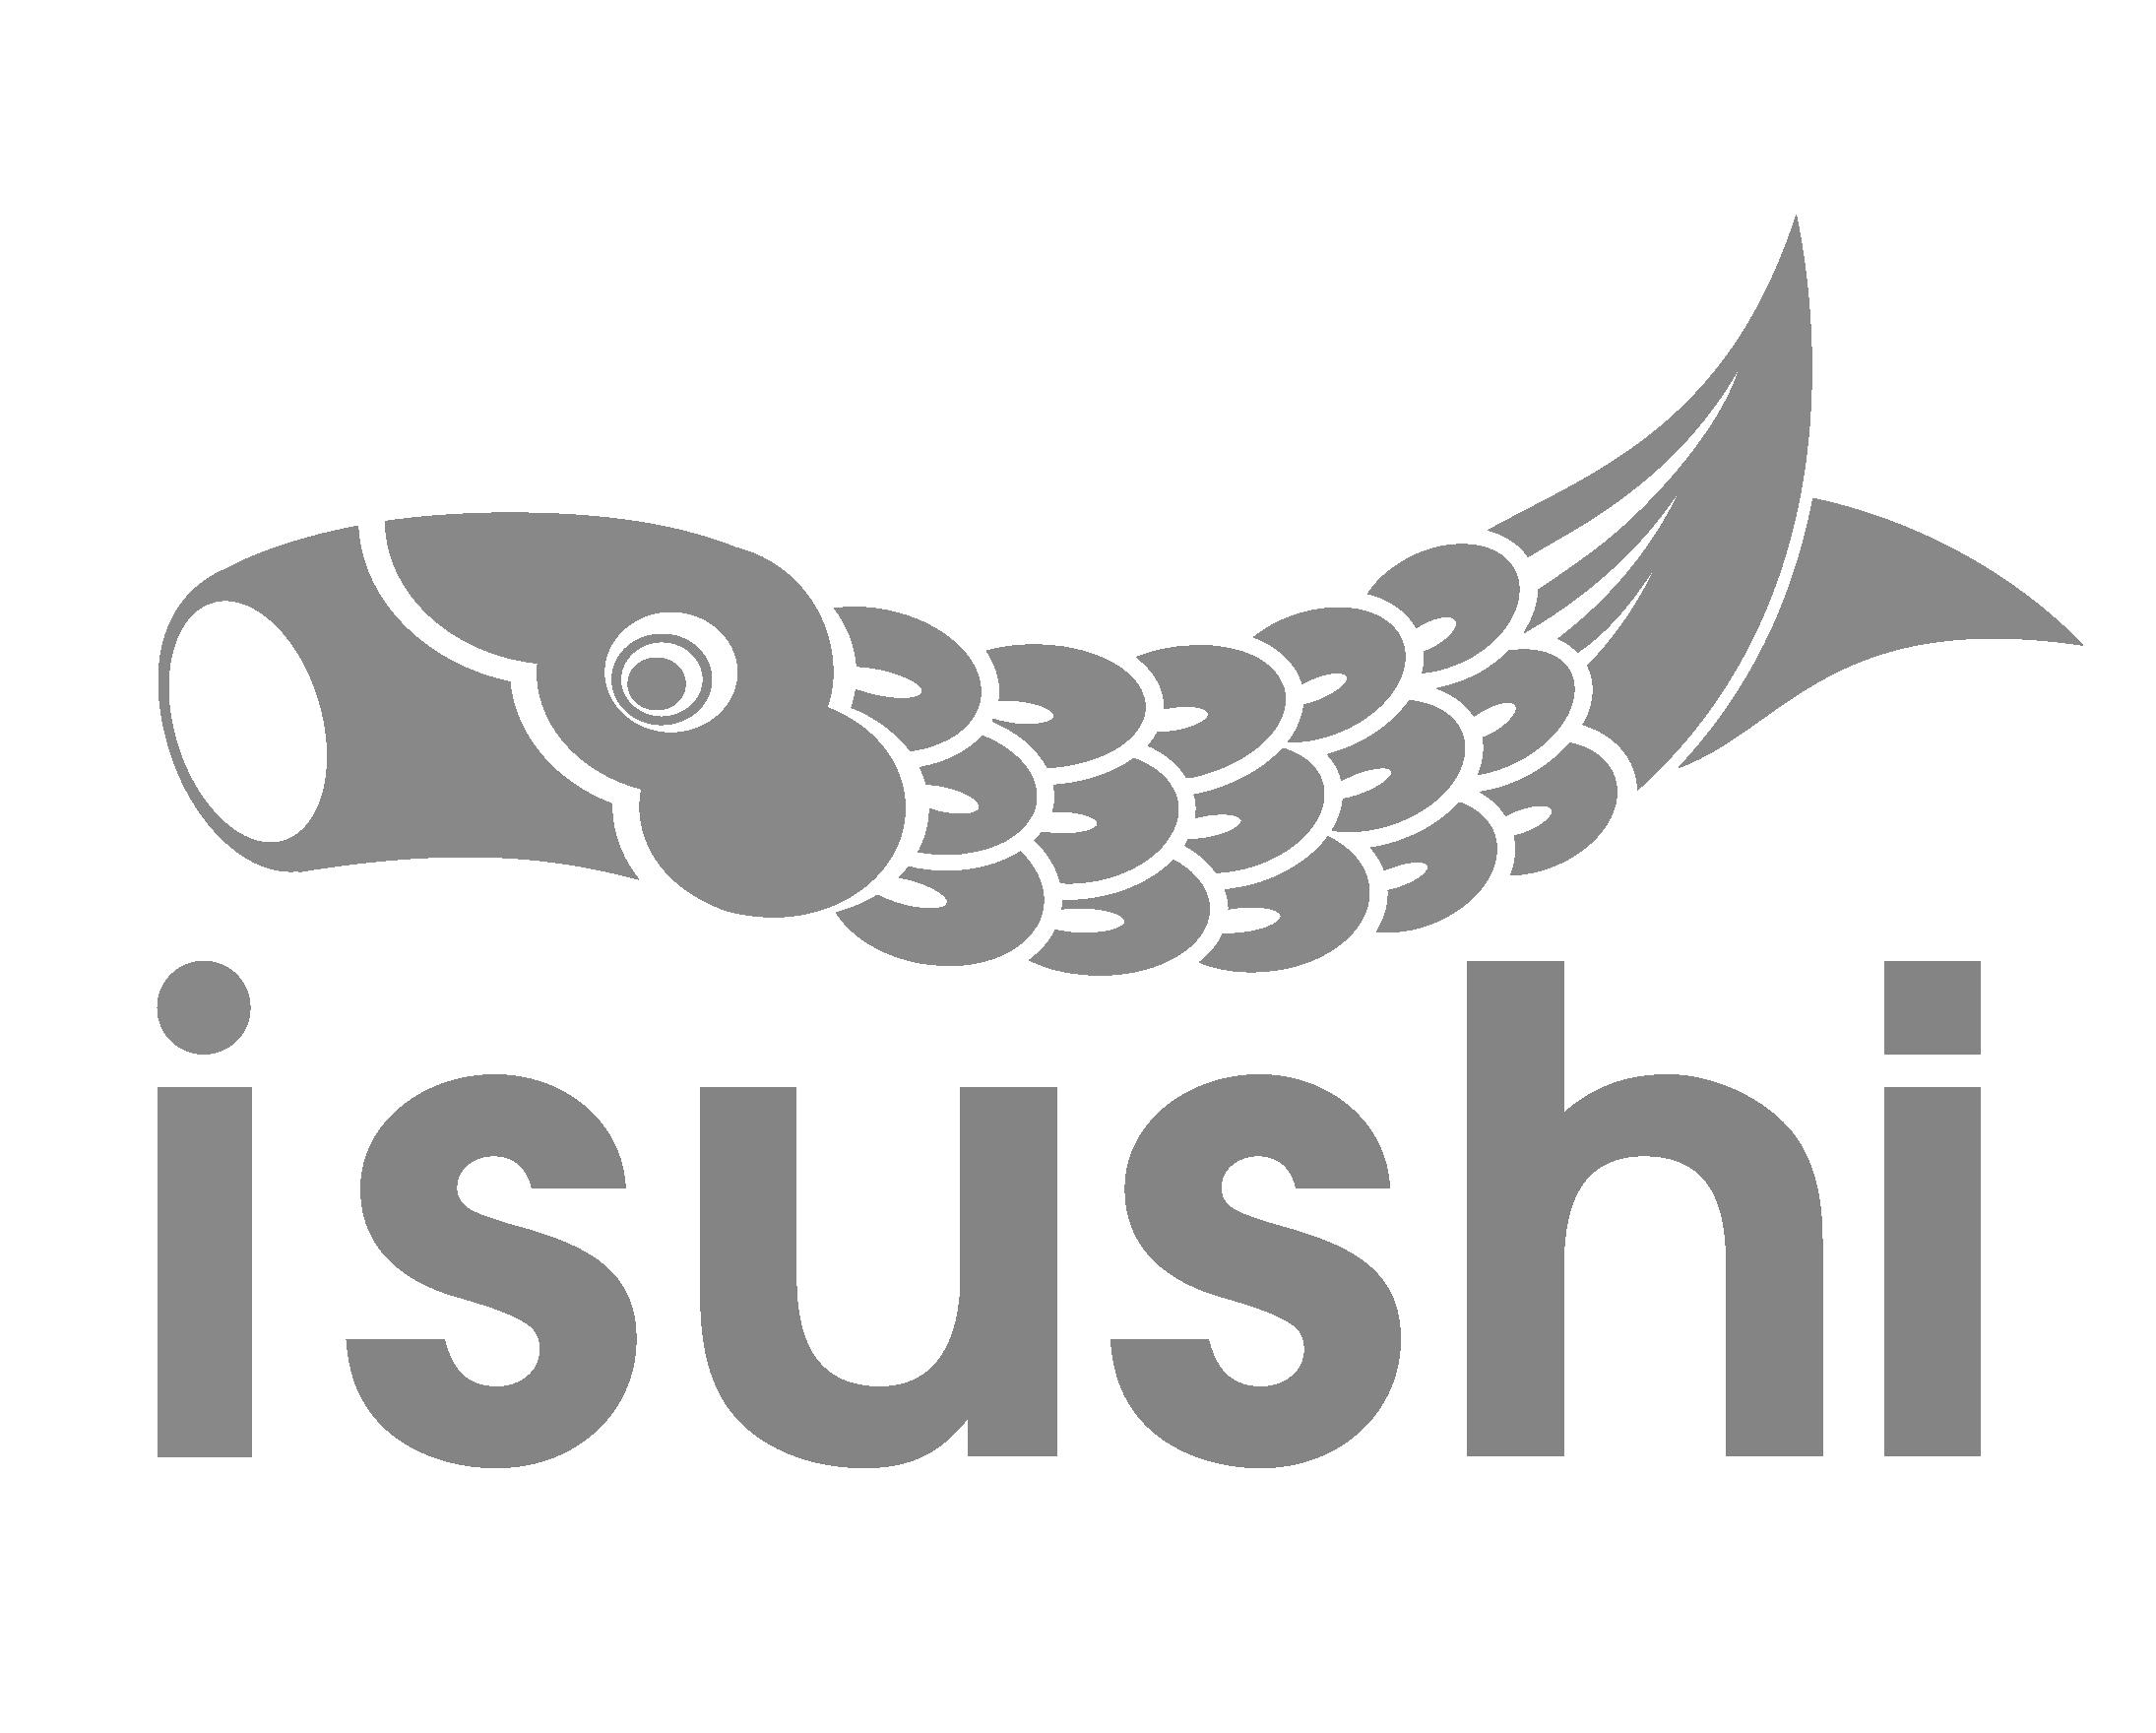 logo_bot21.png